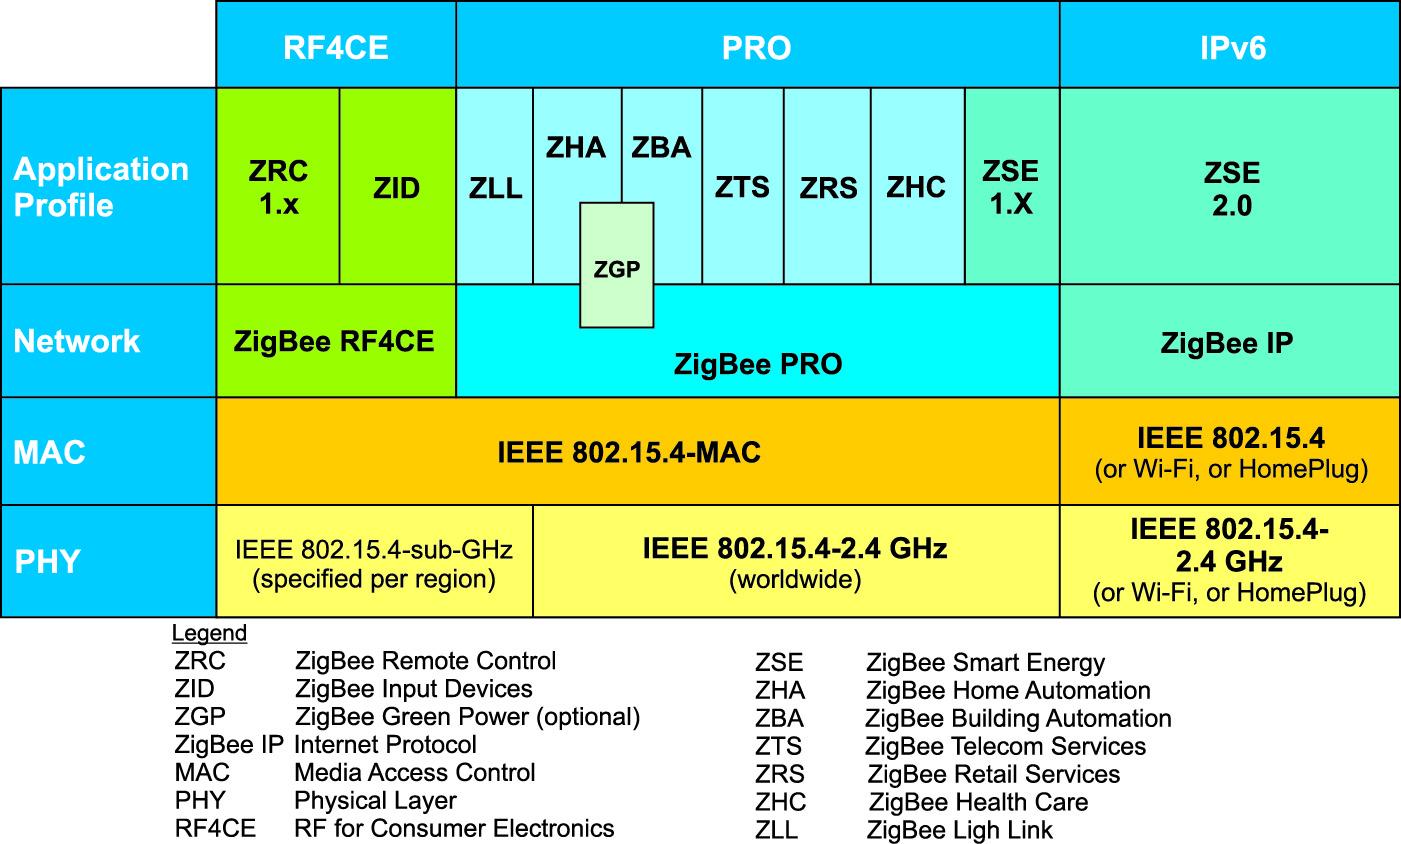 Полный стек ZigBee для приложений, реализующих разные профили на базе спецификаций ZigBee RF4CE, ZigBee Pro и ZigBee IP